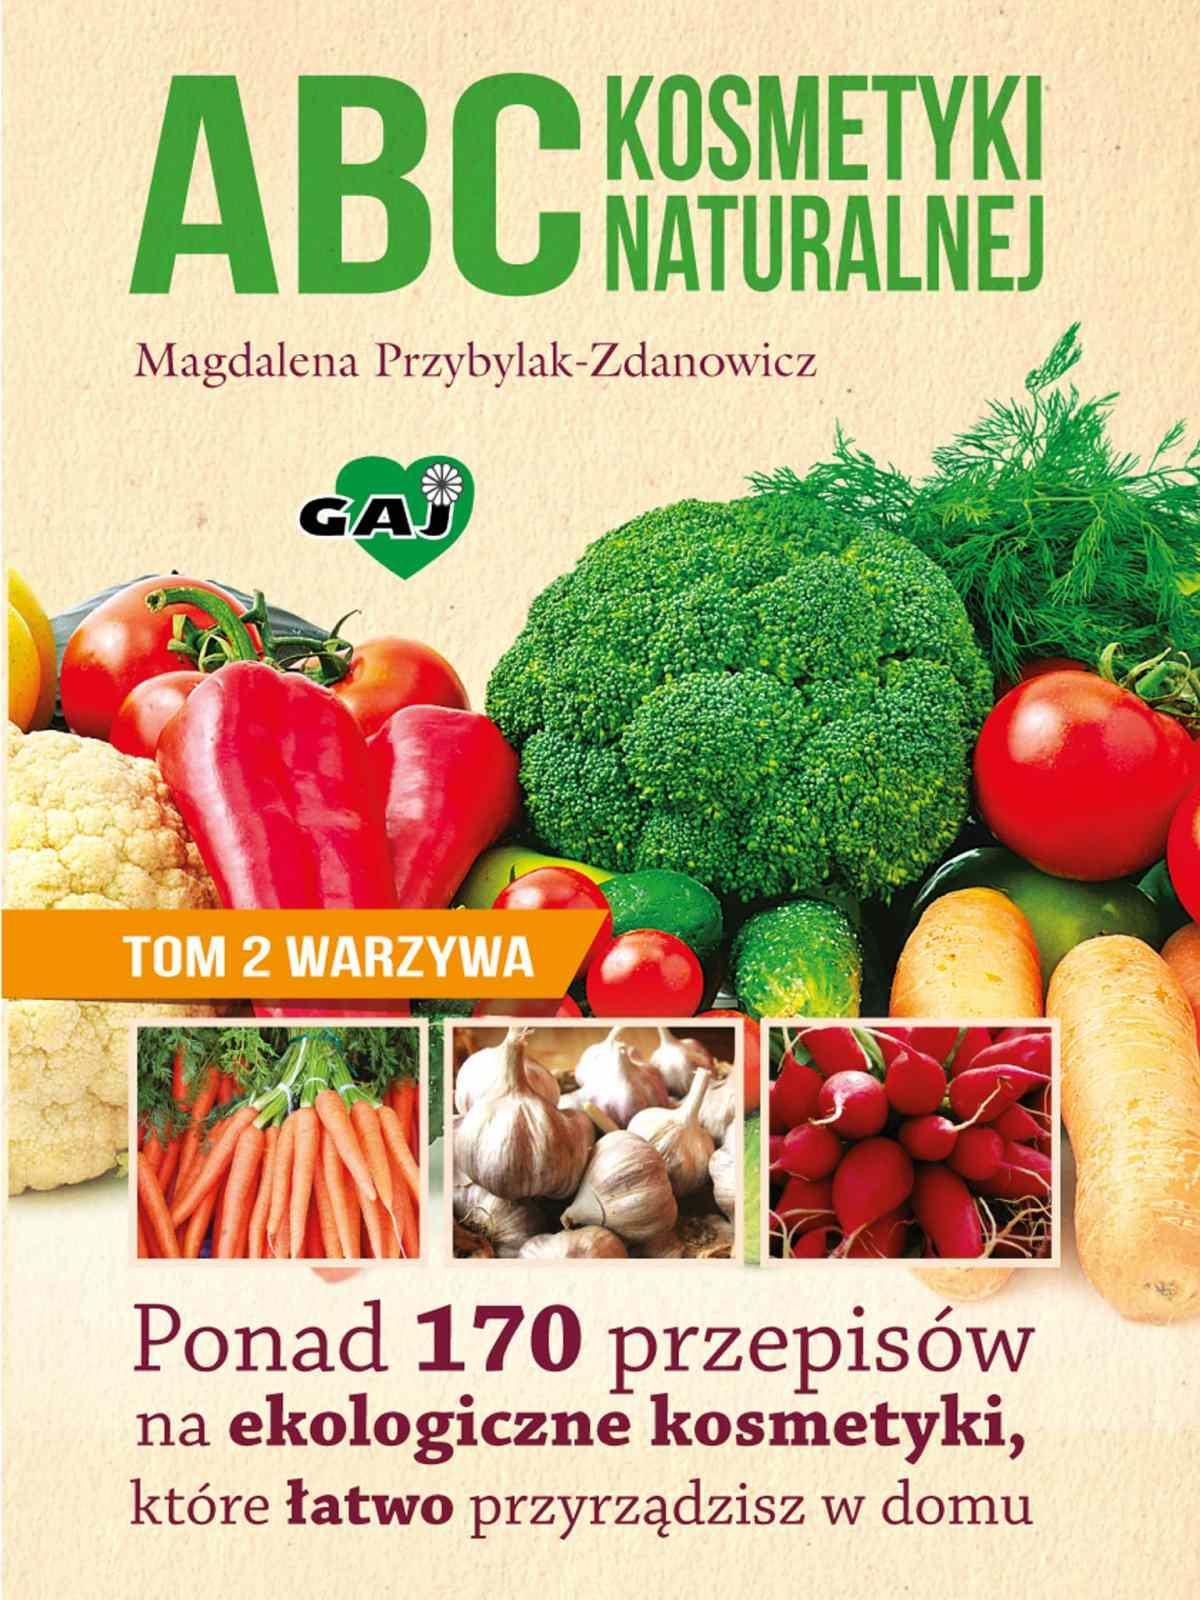 ABC kosmetyki naturalnej. Tom 2 warzywa - Ebook (Książka na Kindle) do pobrania w formacie MOBI